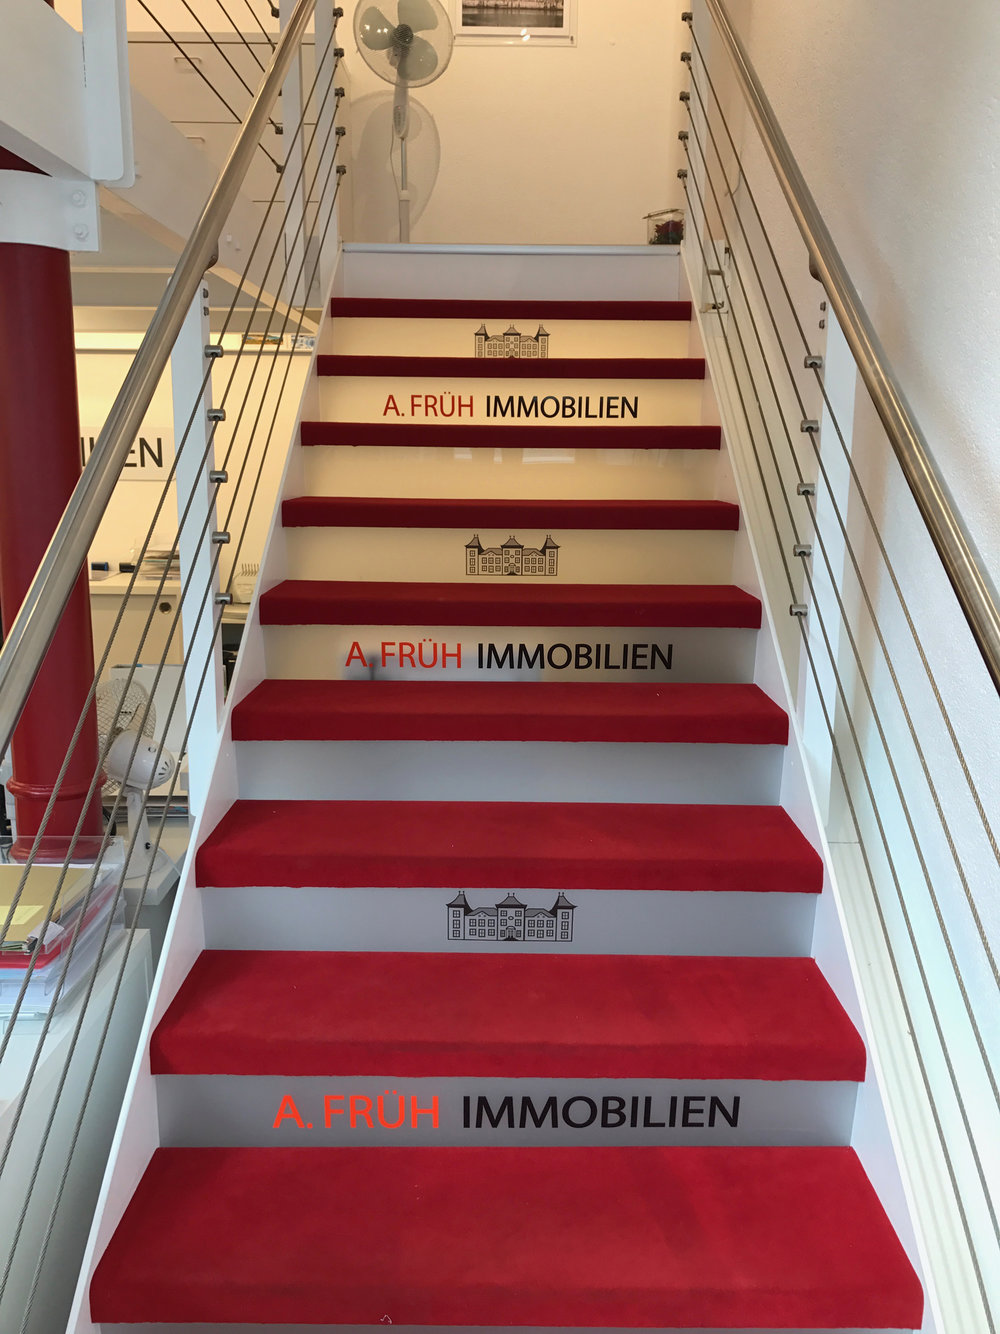 Folienschriften auf Treppenstufen